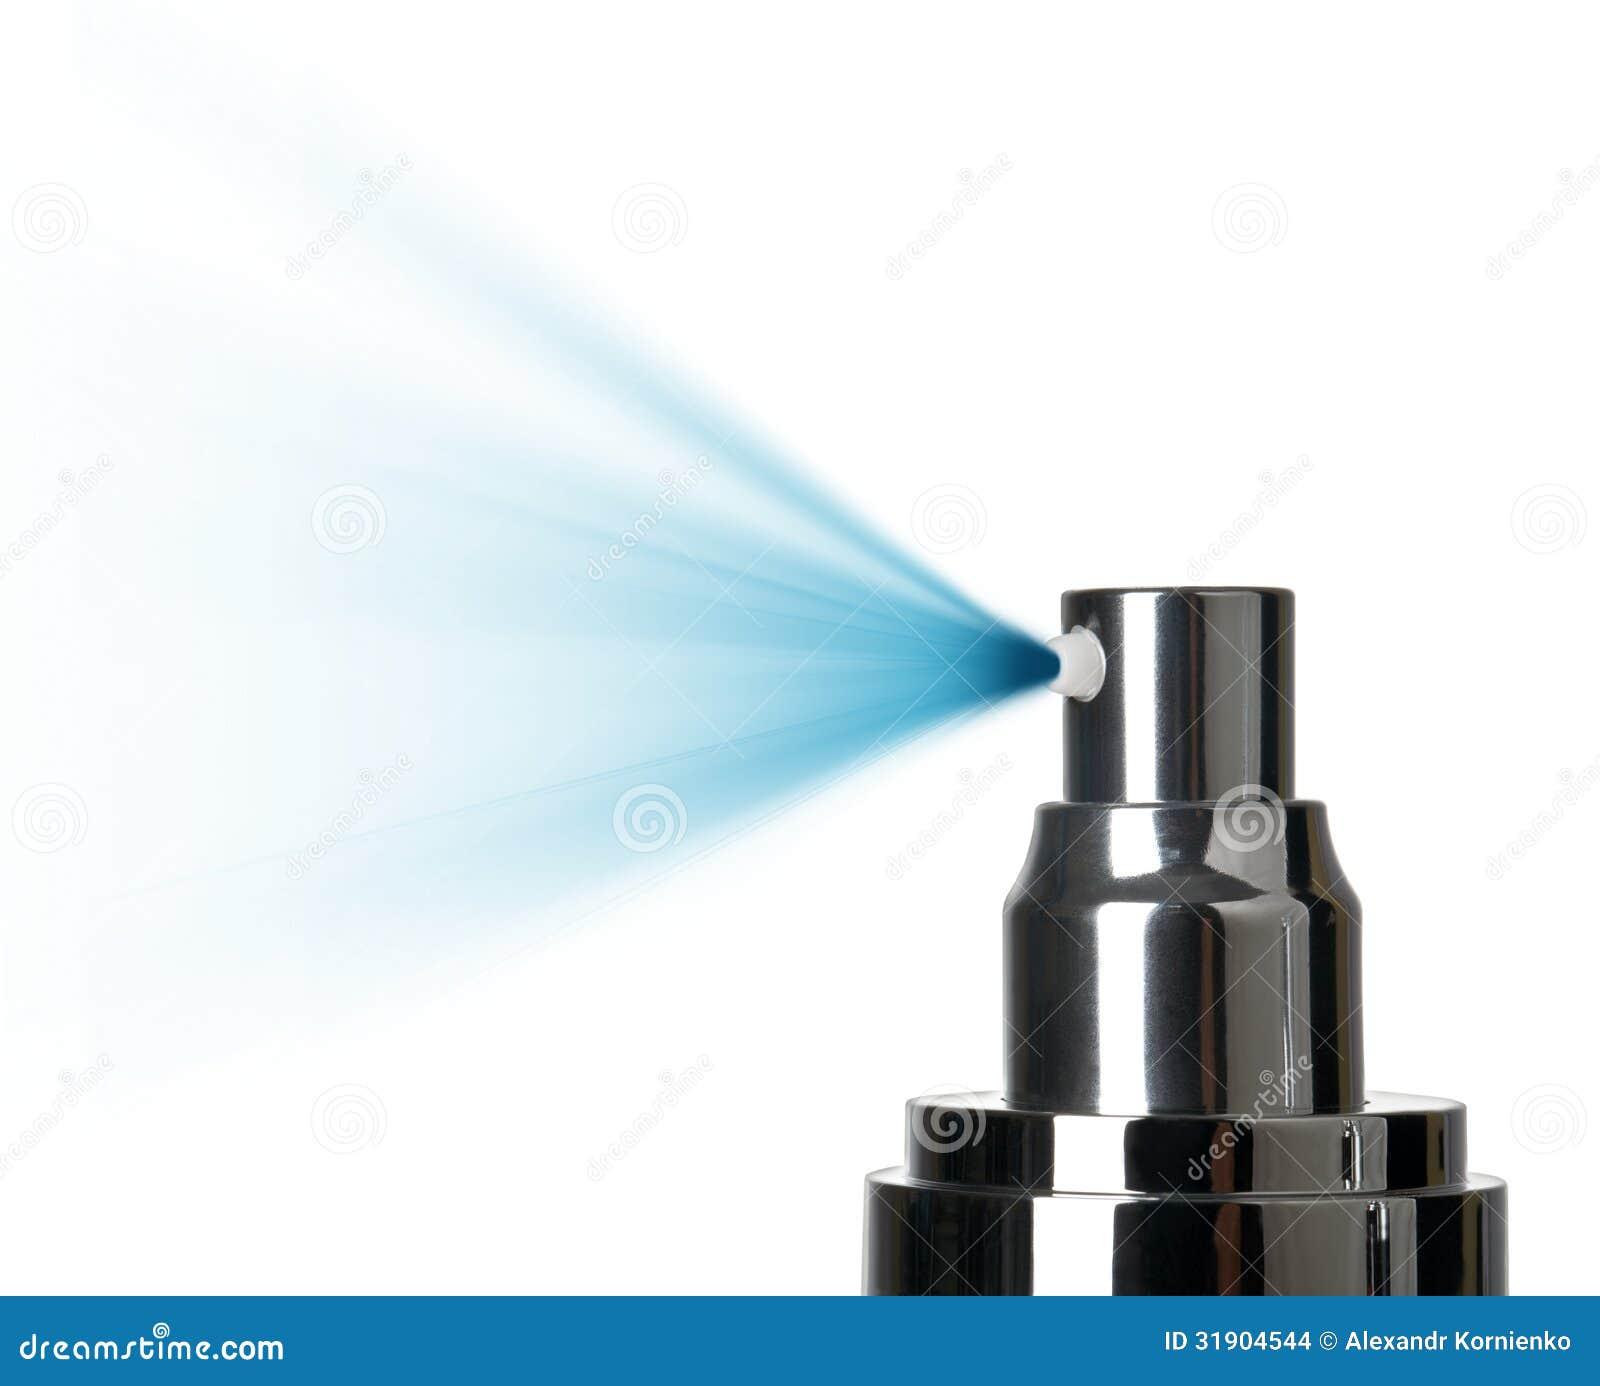 Spray nozzle close-up